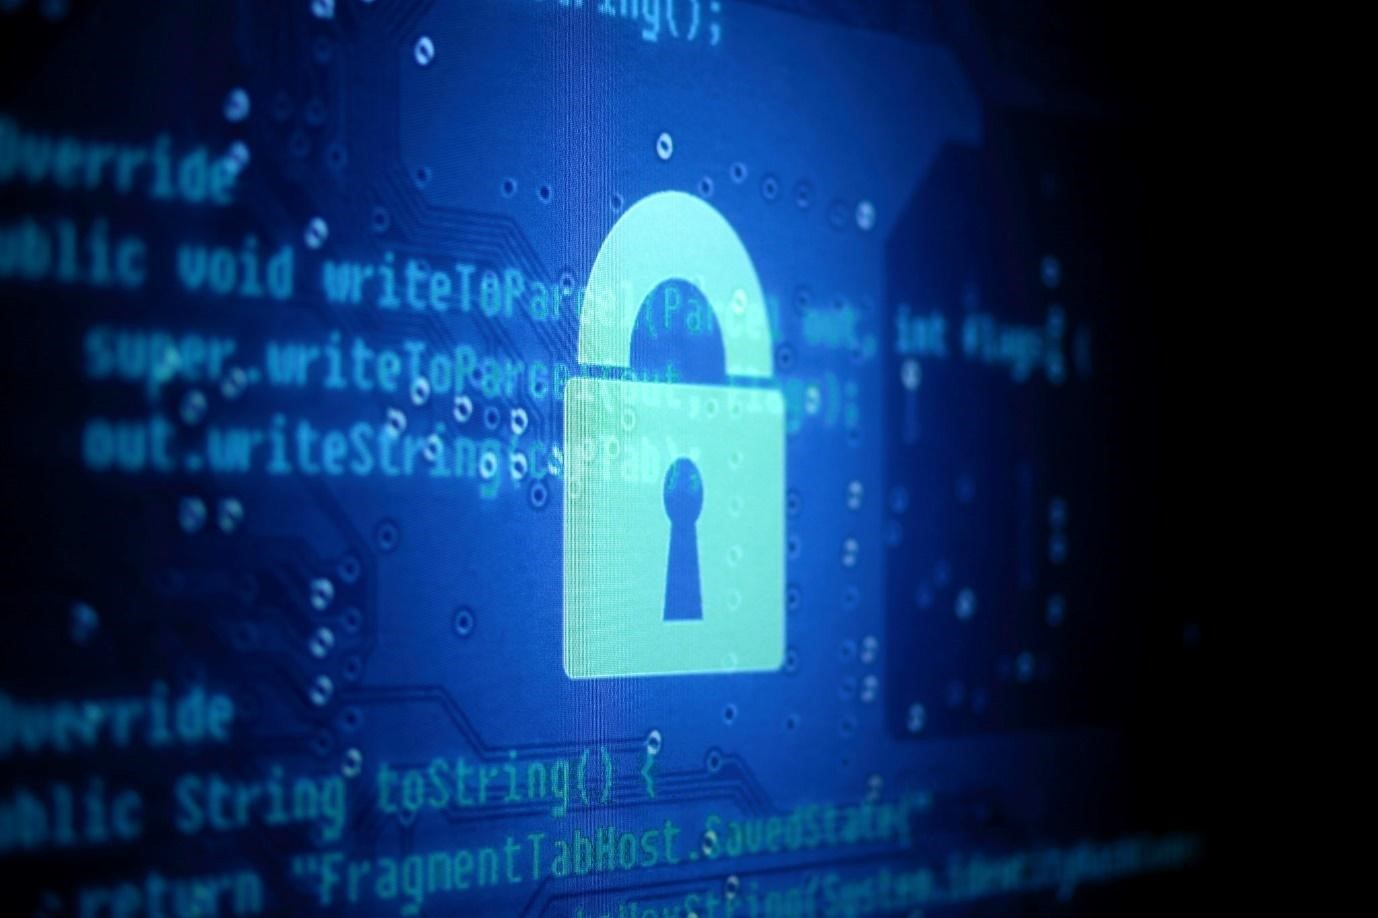 Потенциальные атаки на HTTPS и как от них защититься - 2